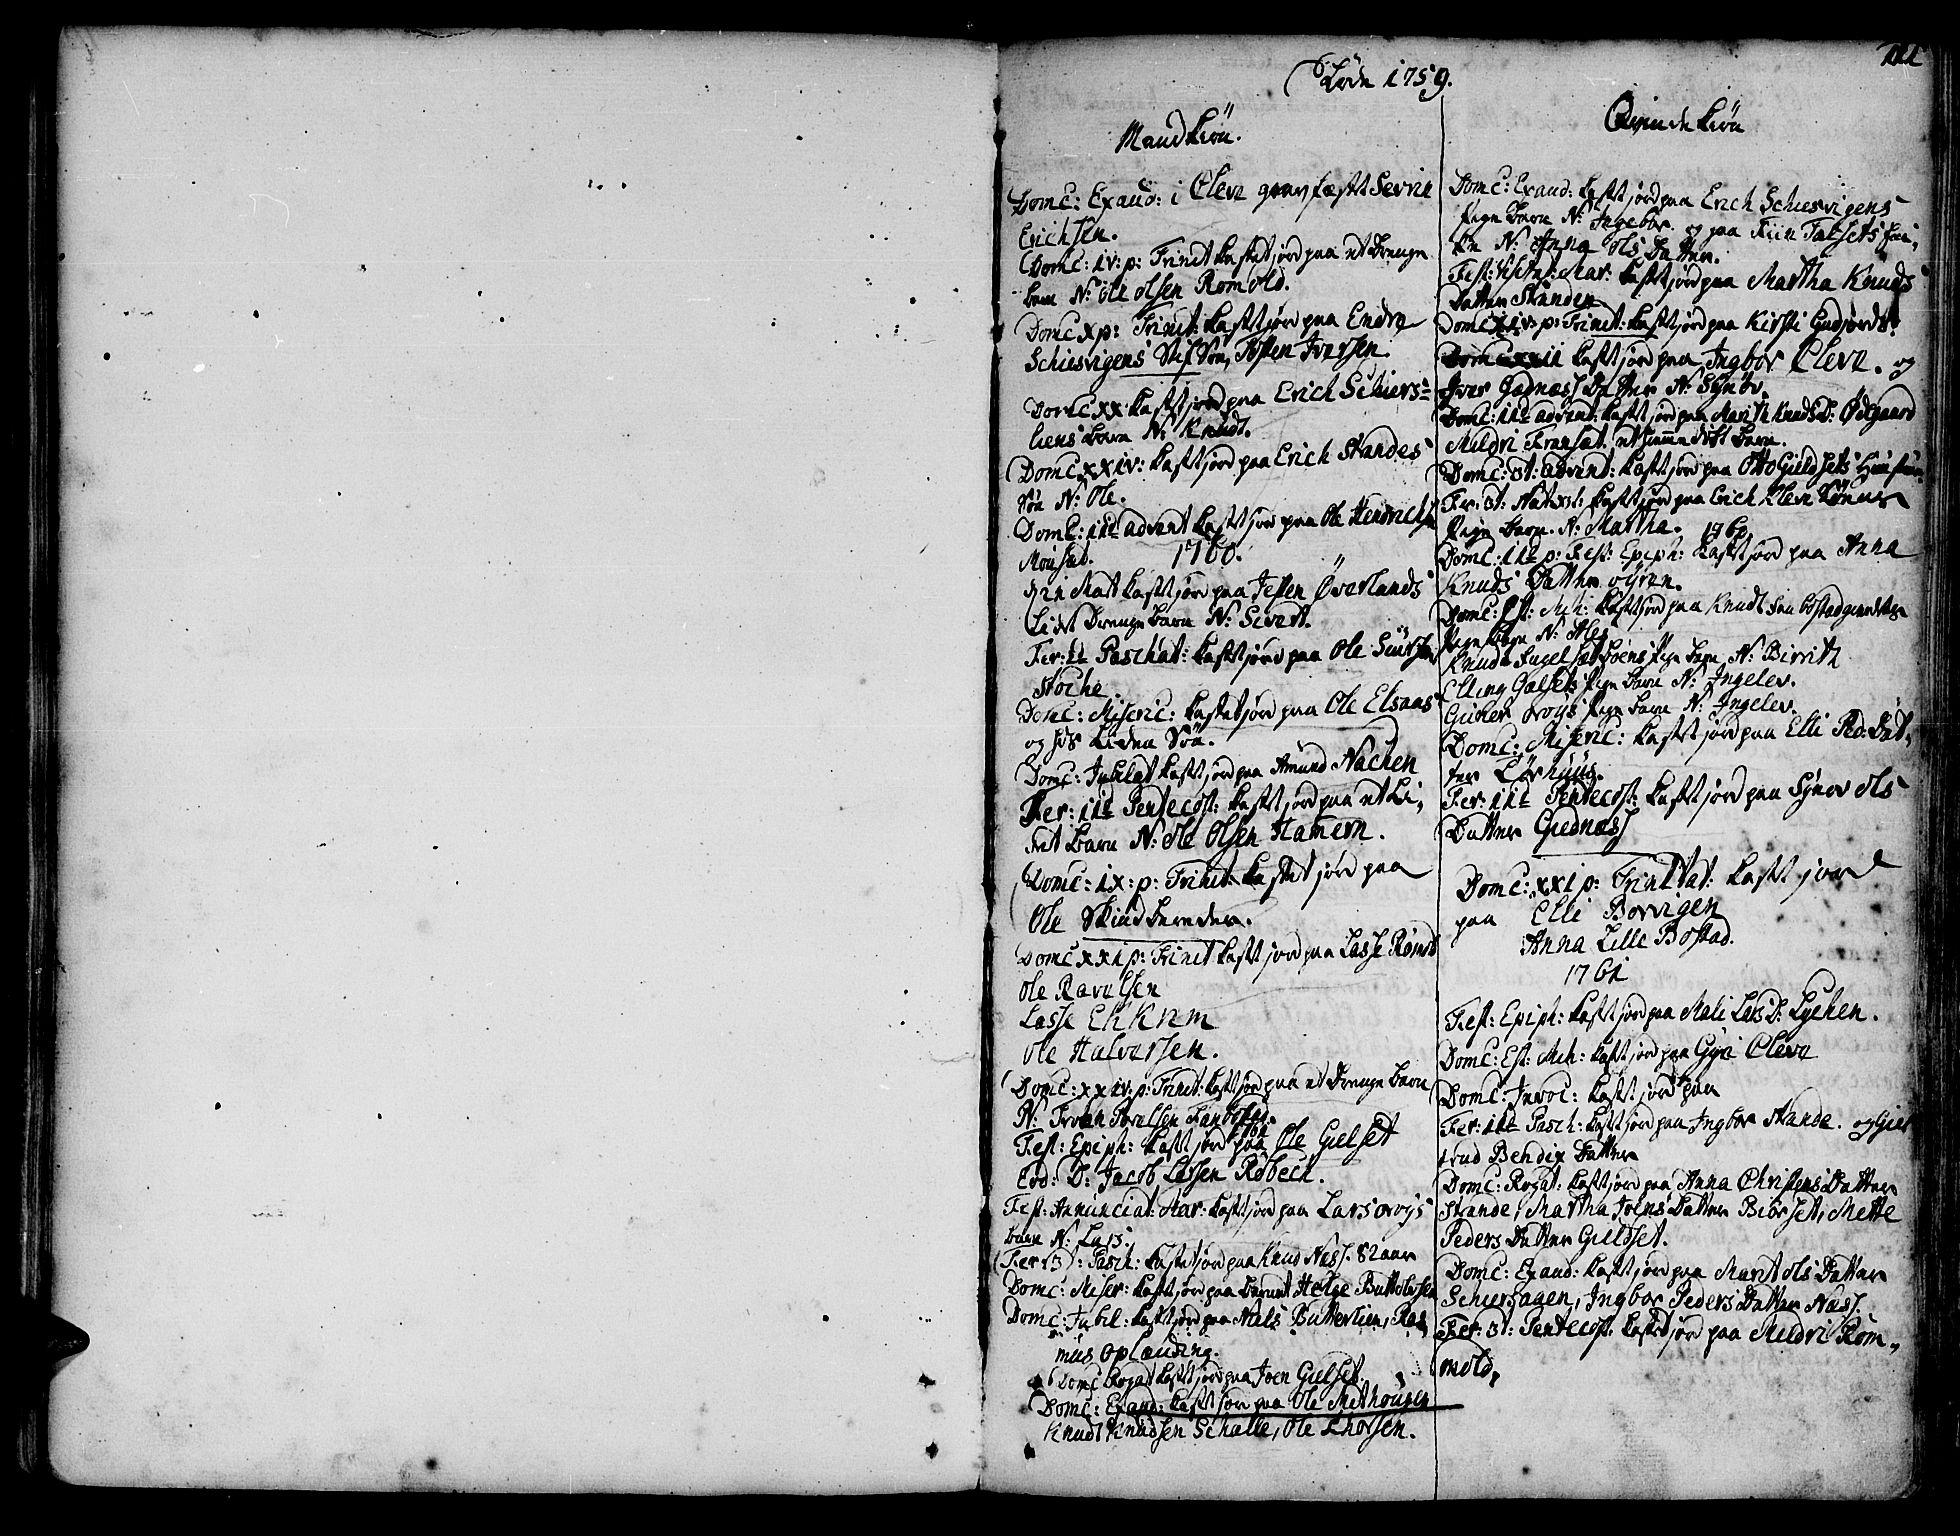 SAT, Ministerialprotokoller, klokkerbøker og fødselsregistre - Møre og Romsdal, 555/L0648: Ministerialbok nr. 555A01, 1759-1793, s. 111